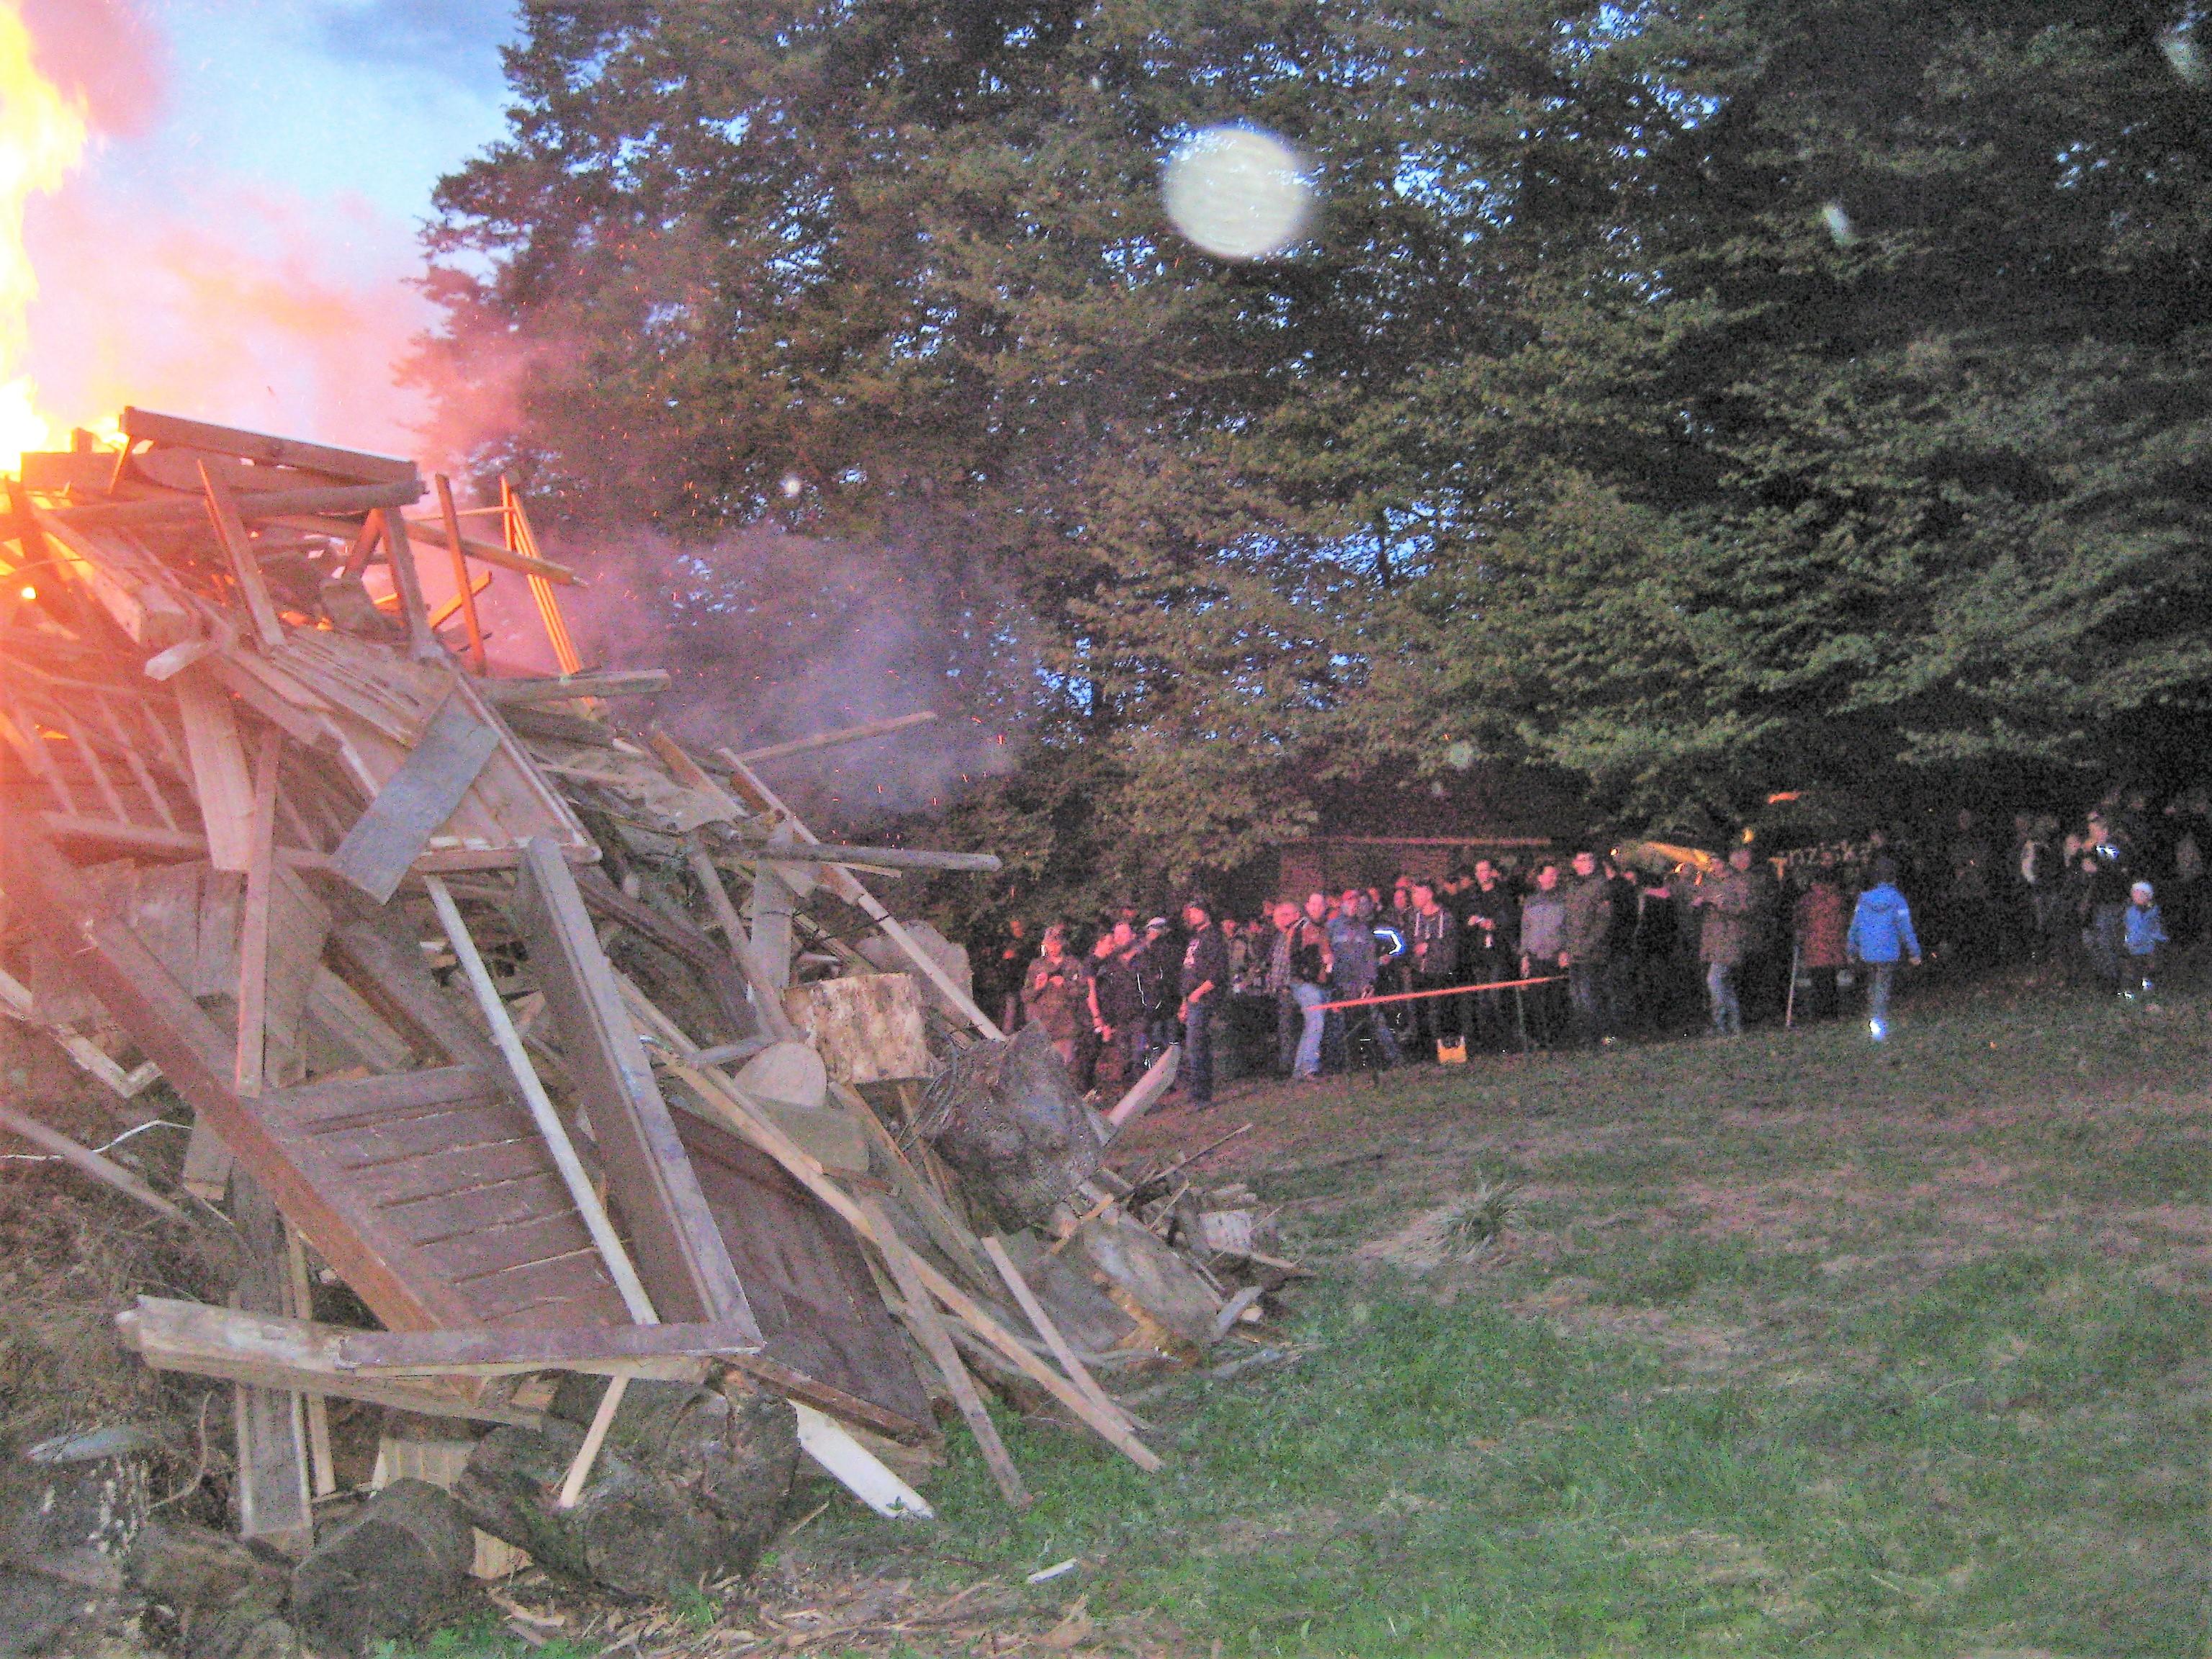 Der brennende Holzstoß sorgte für Wärme.